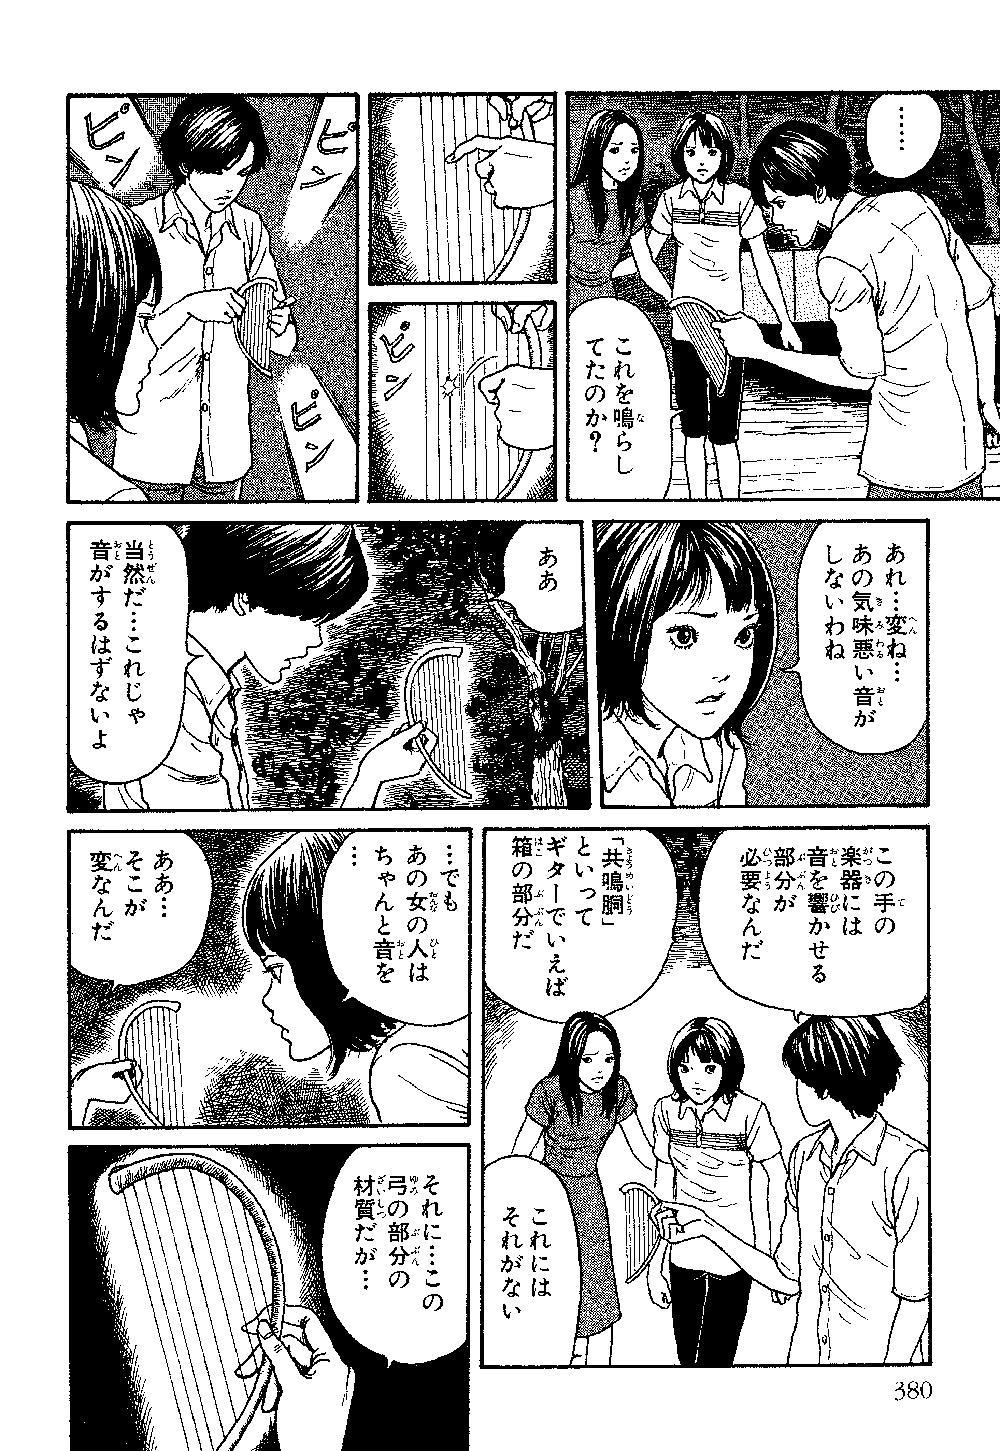 itouj_0004_0382.jpg